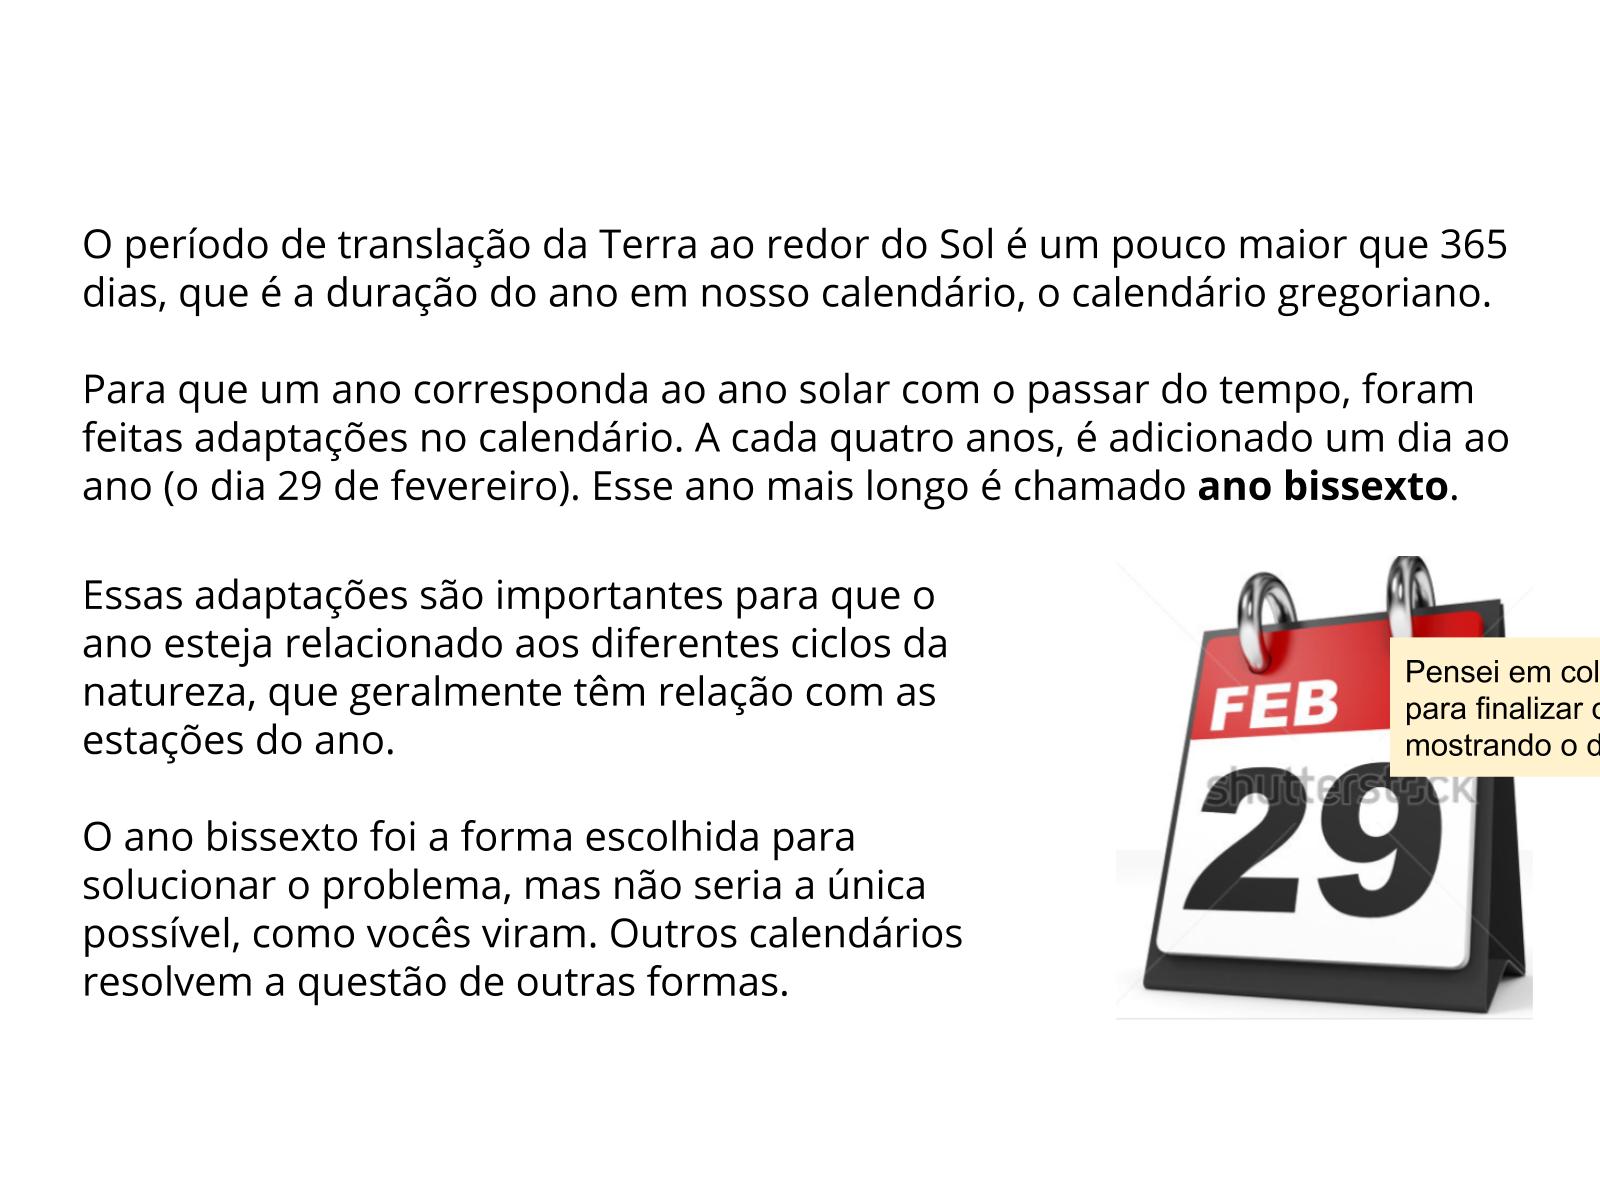 Adaptações do calendário gregoriano - Ano bissexto